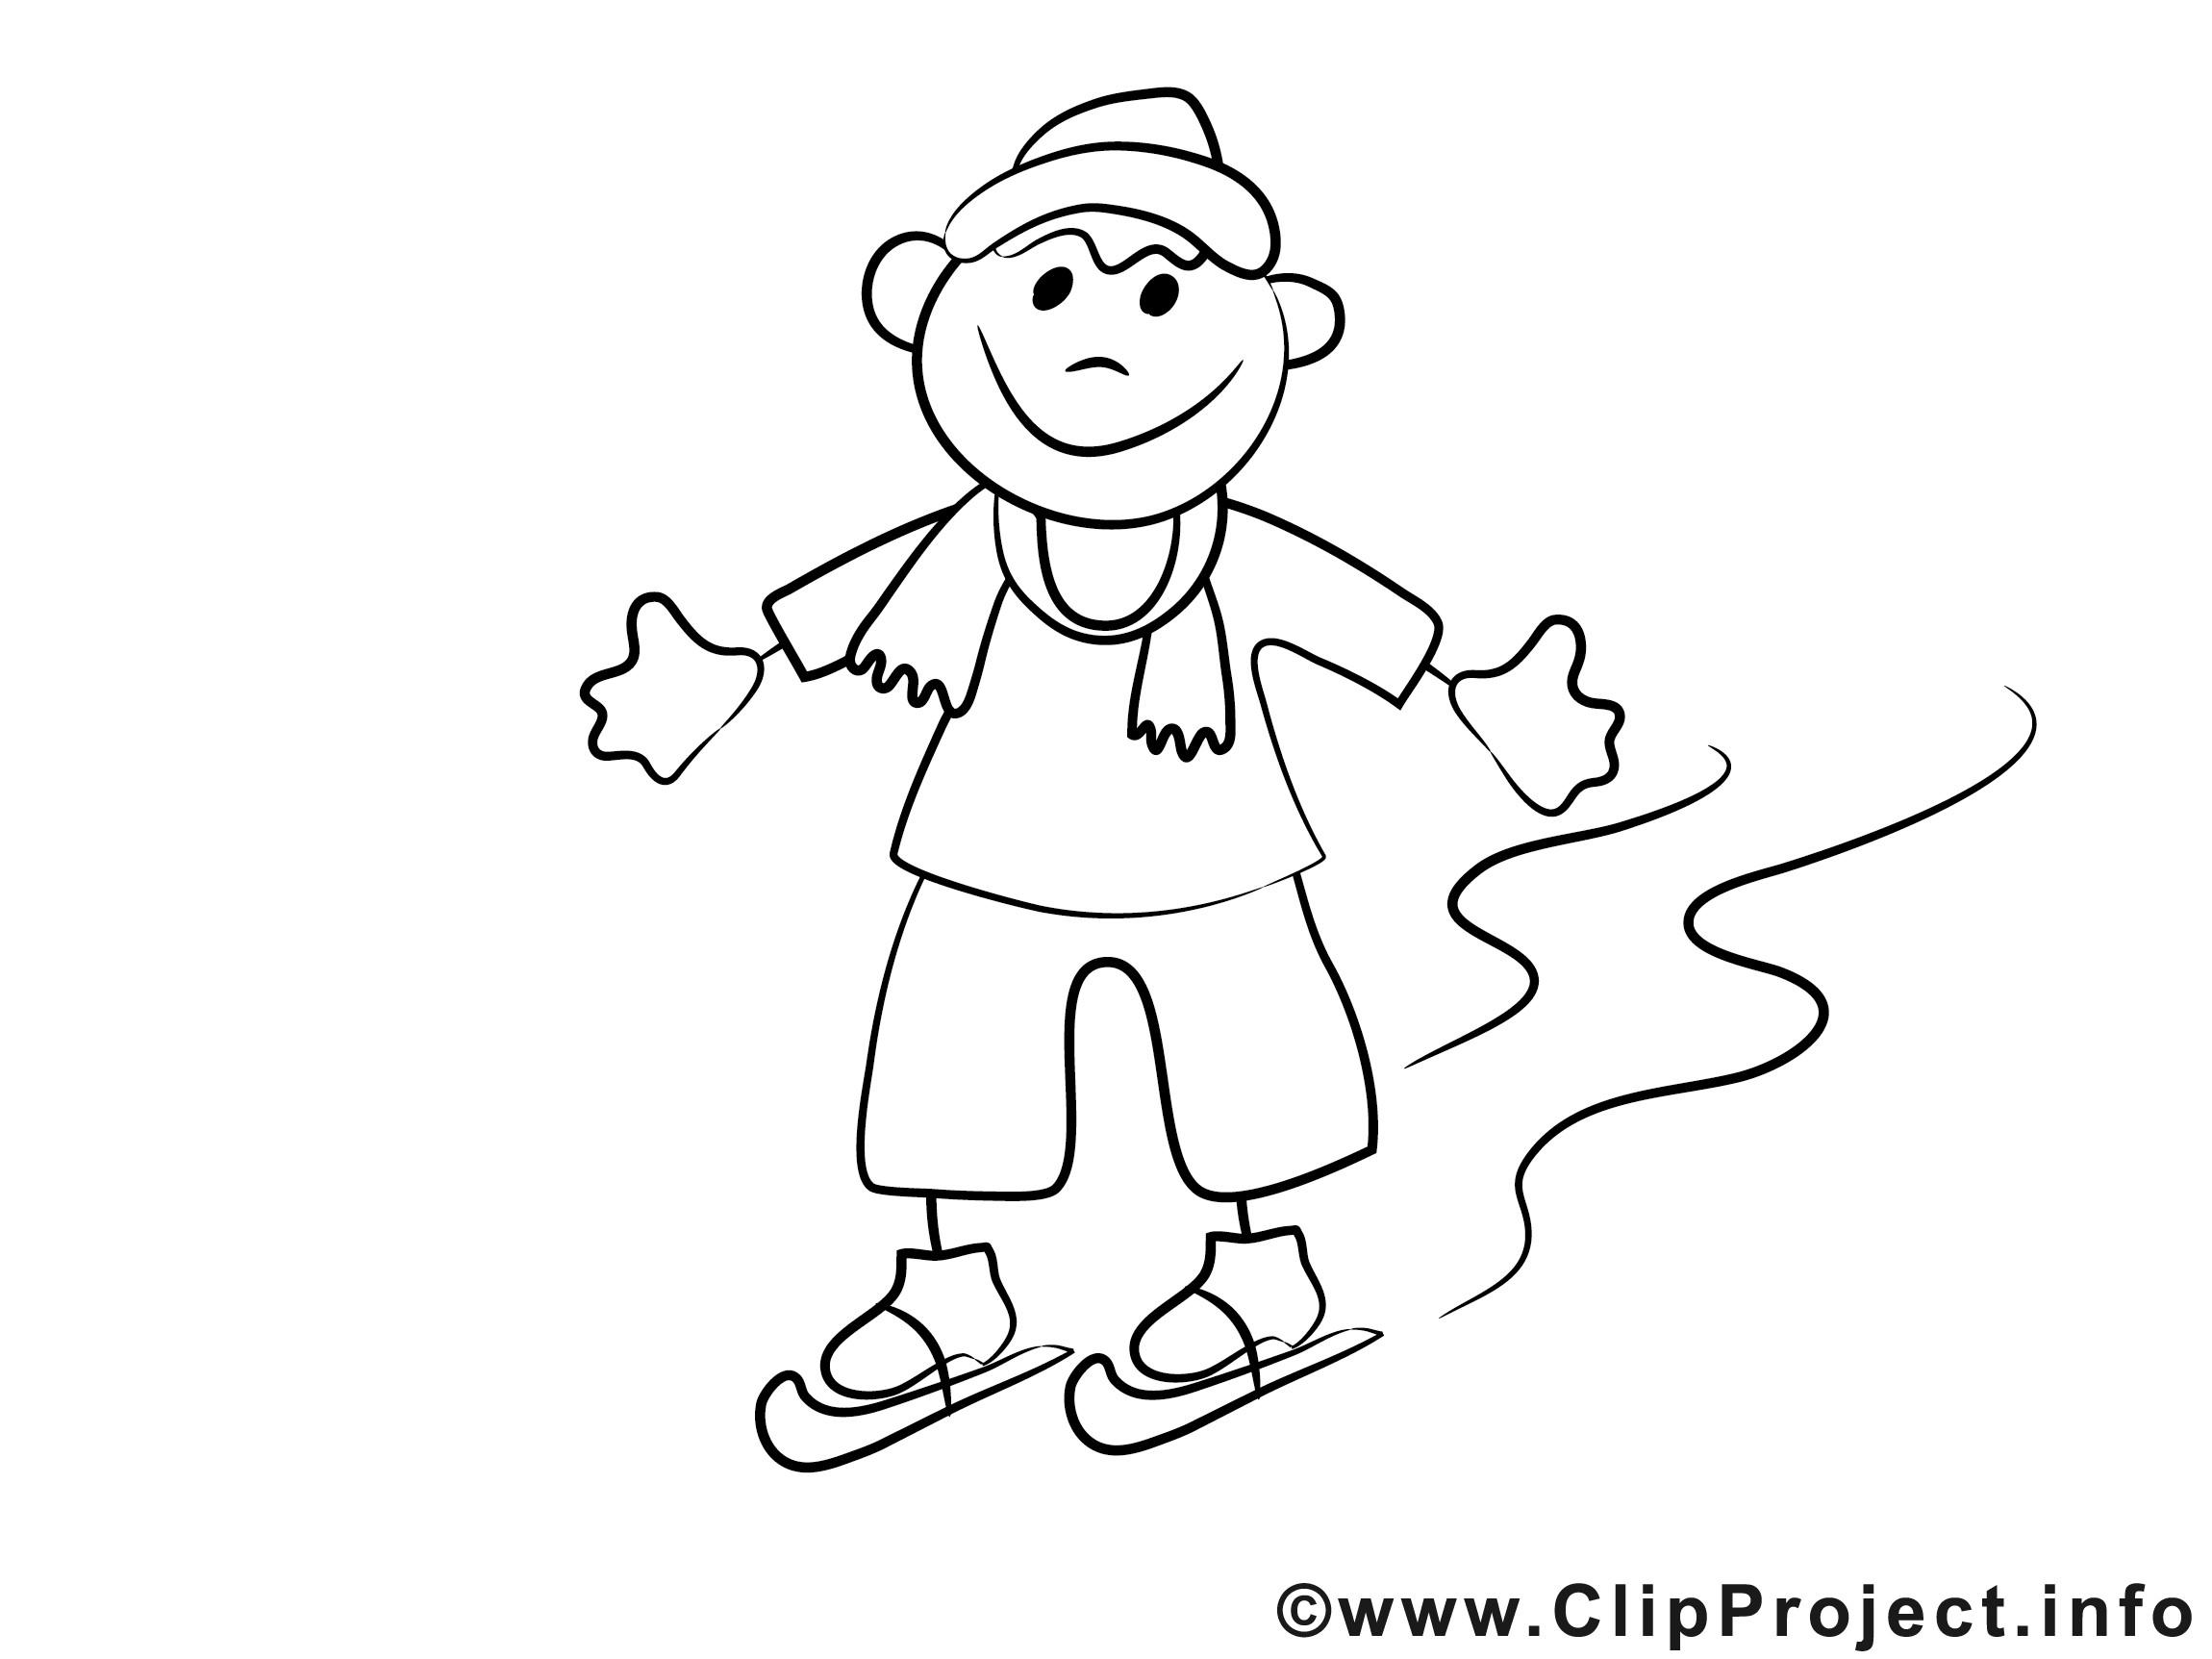 Ausmalbilder Junge  Junge läuft Schlittschuh Malvorlagen und kostenlose